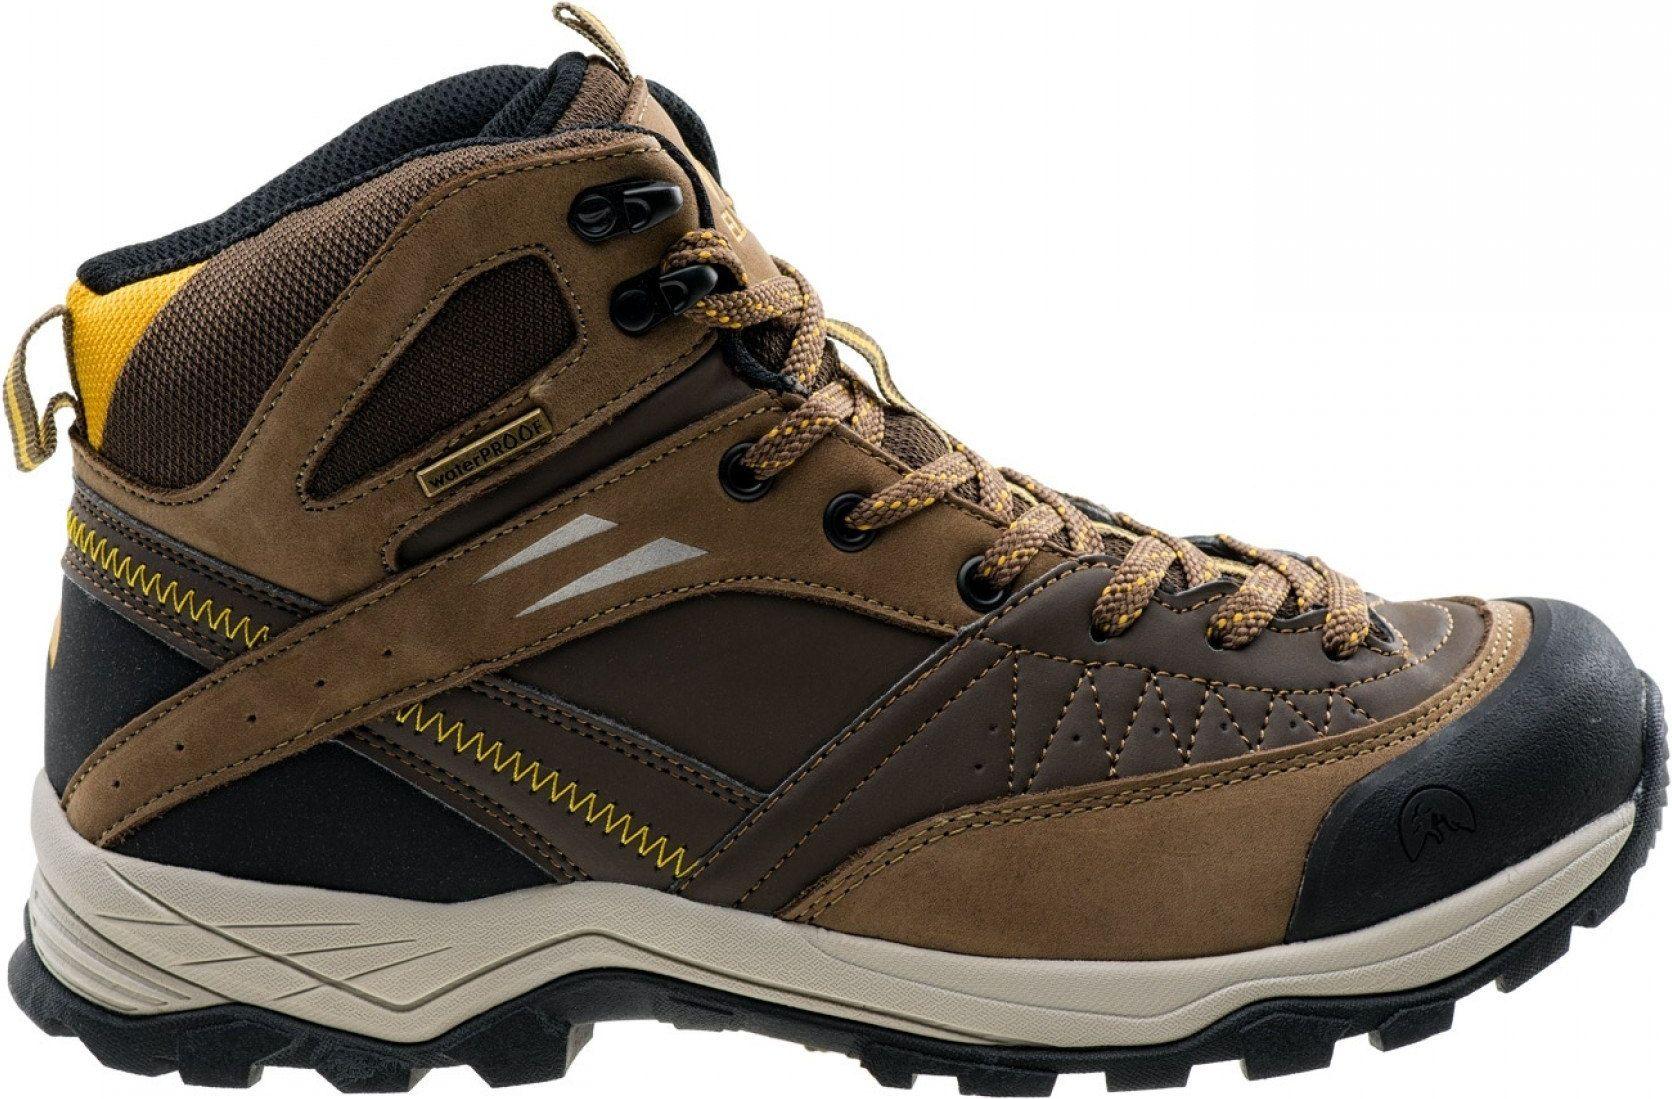 Elbrus Buty meskie Delen MID WP Dark Brown / Corn / Black r. 42 4823643 Tūrisma apavi